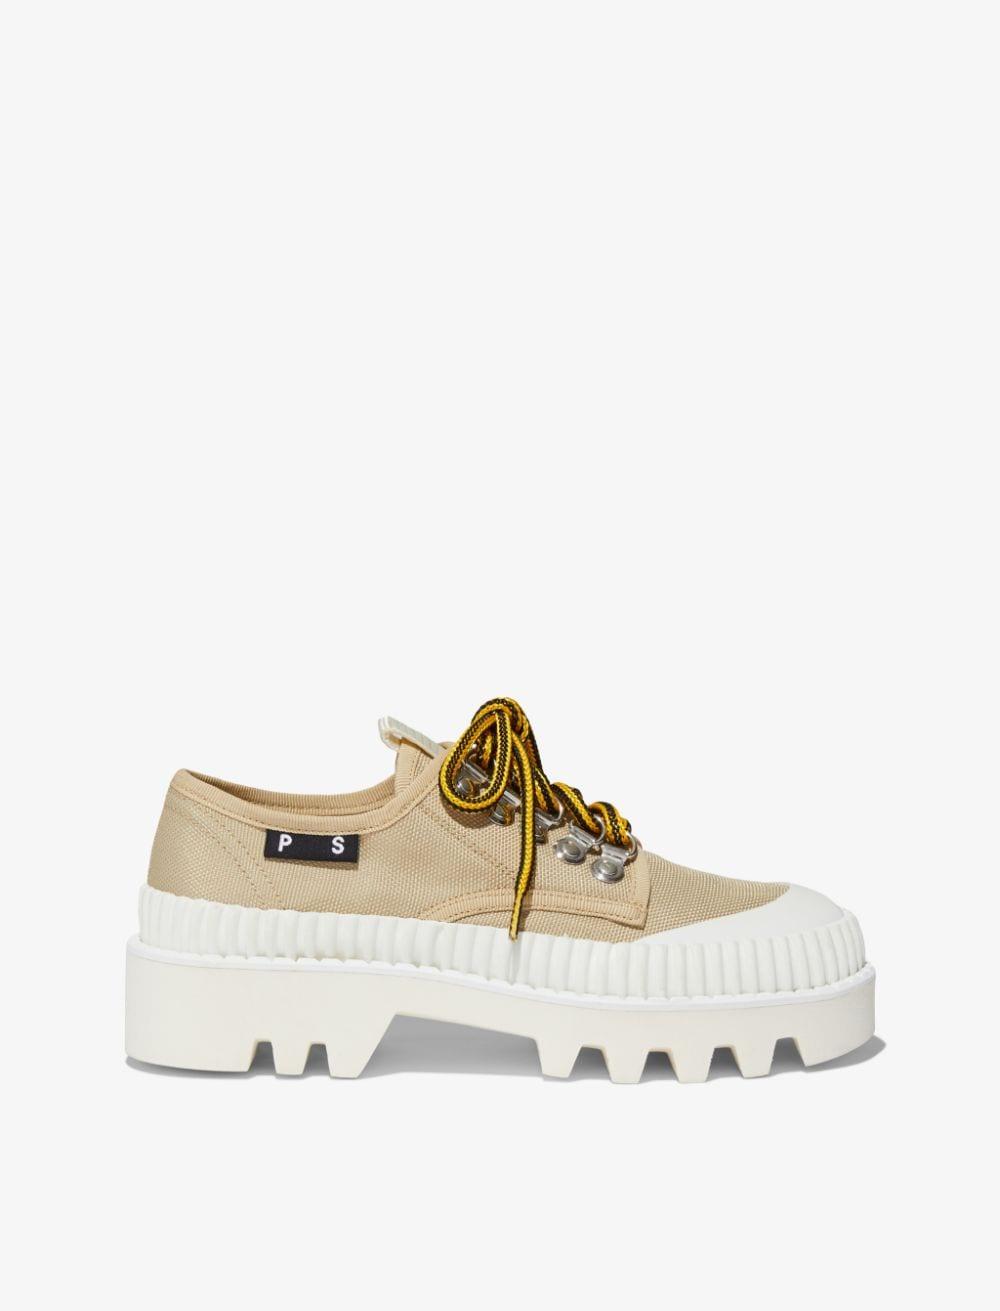 Proenza Schouler City Lug Sole Shoes beige + white/neutrals 37